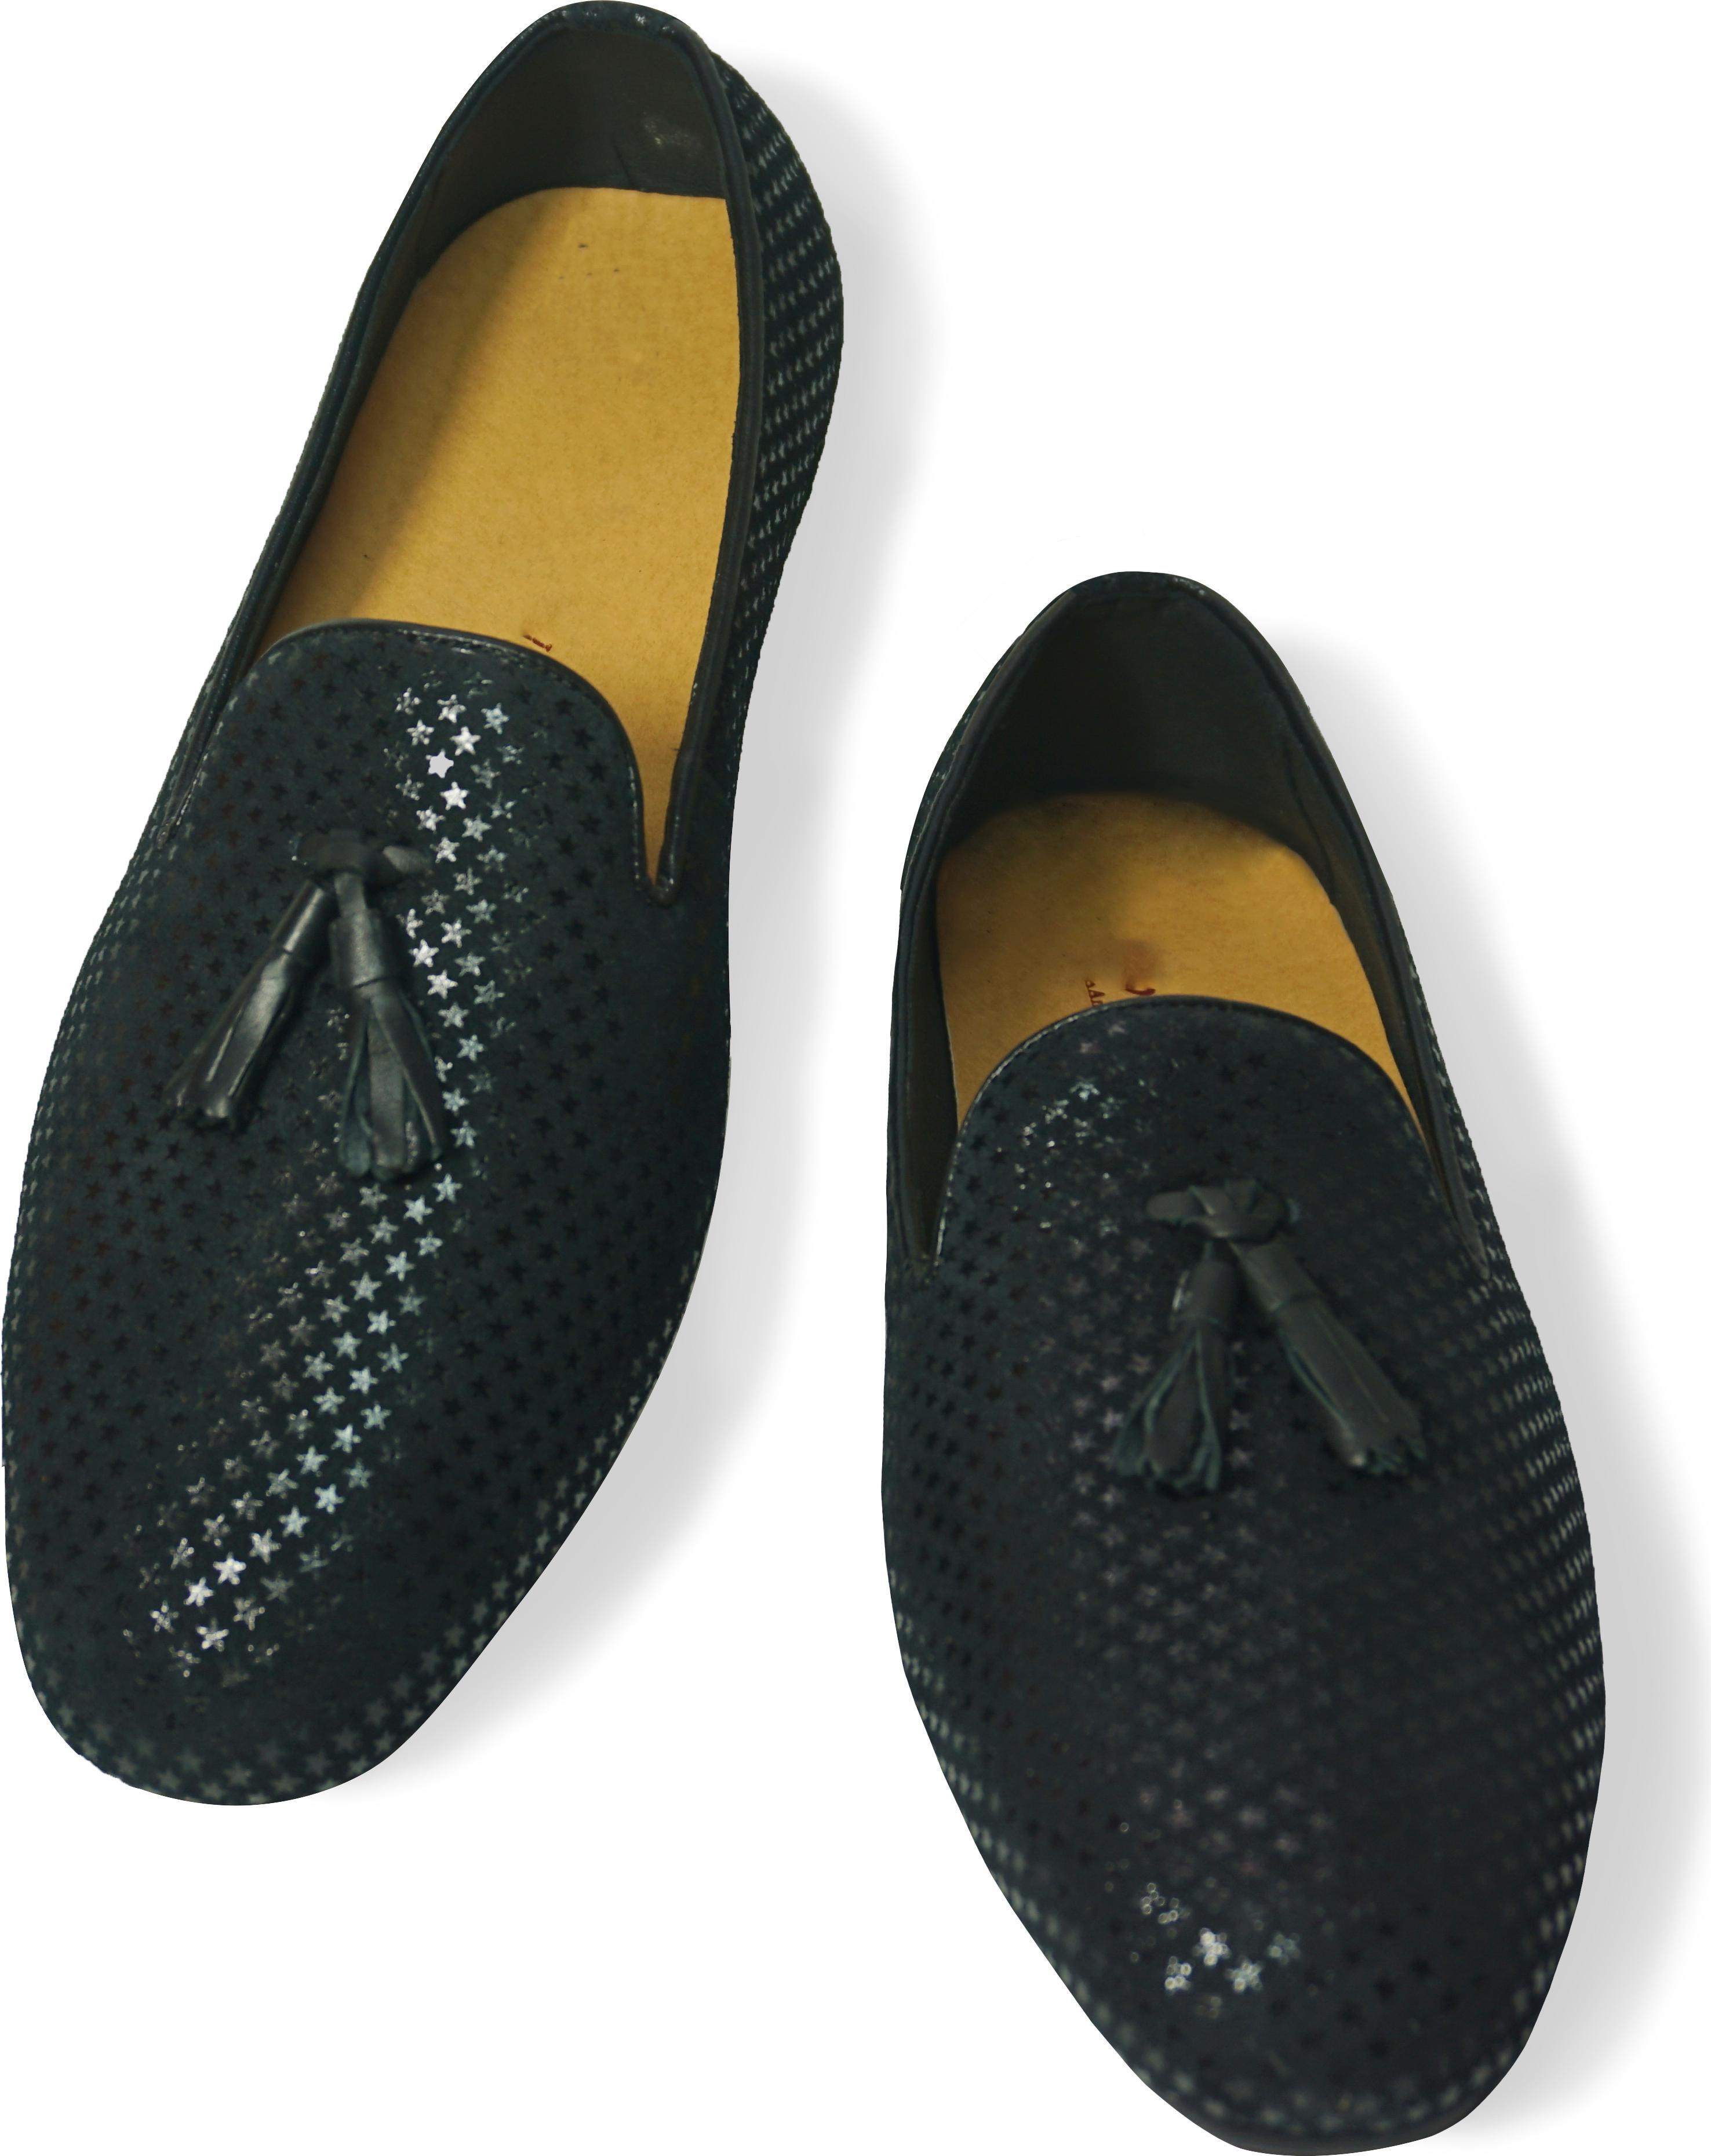 Giày Da Nam Cao Cấp Phong Cách Trẻ Trung Năng Động Lịch lãm, Giày Tây Nam HS38